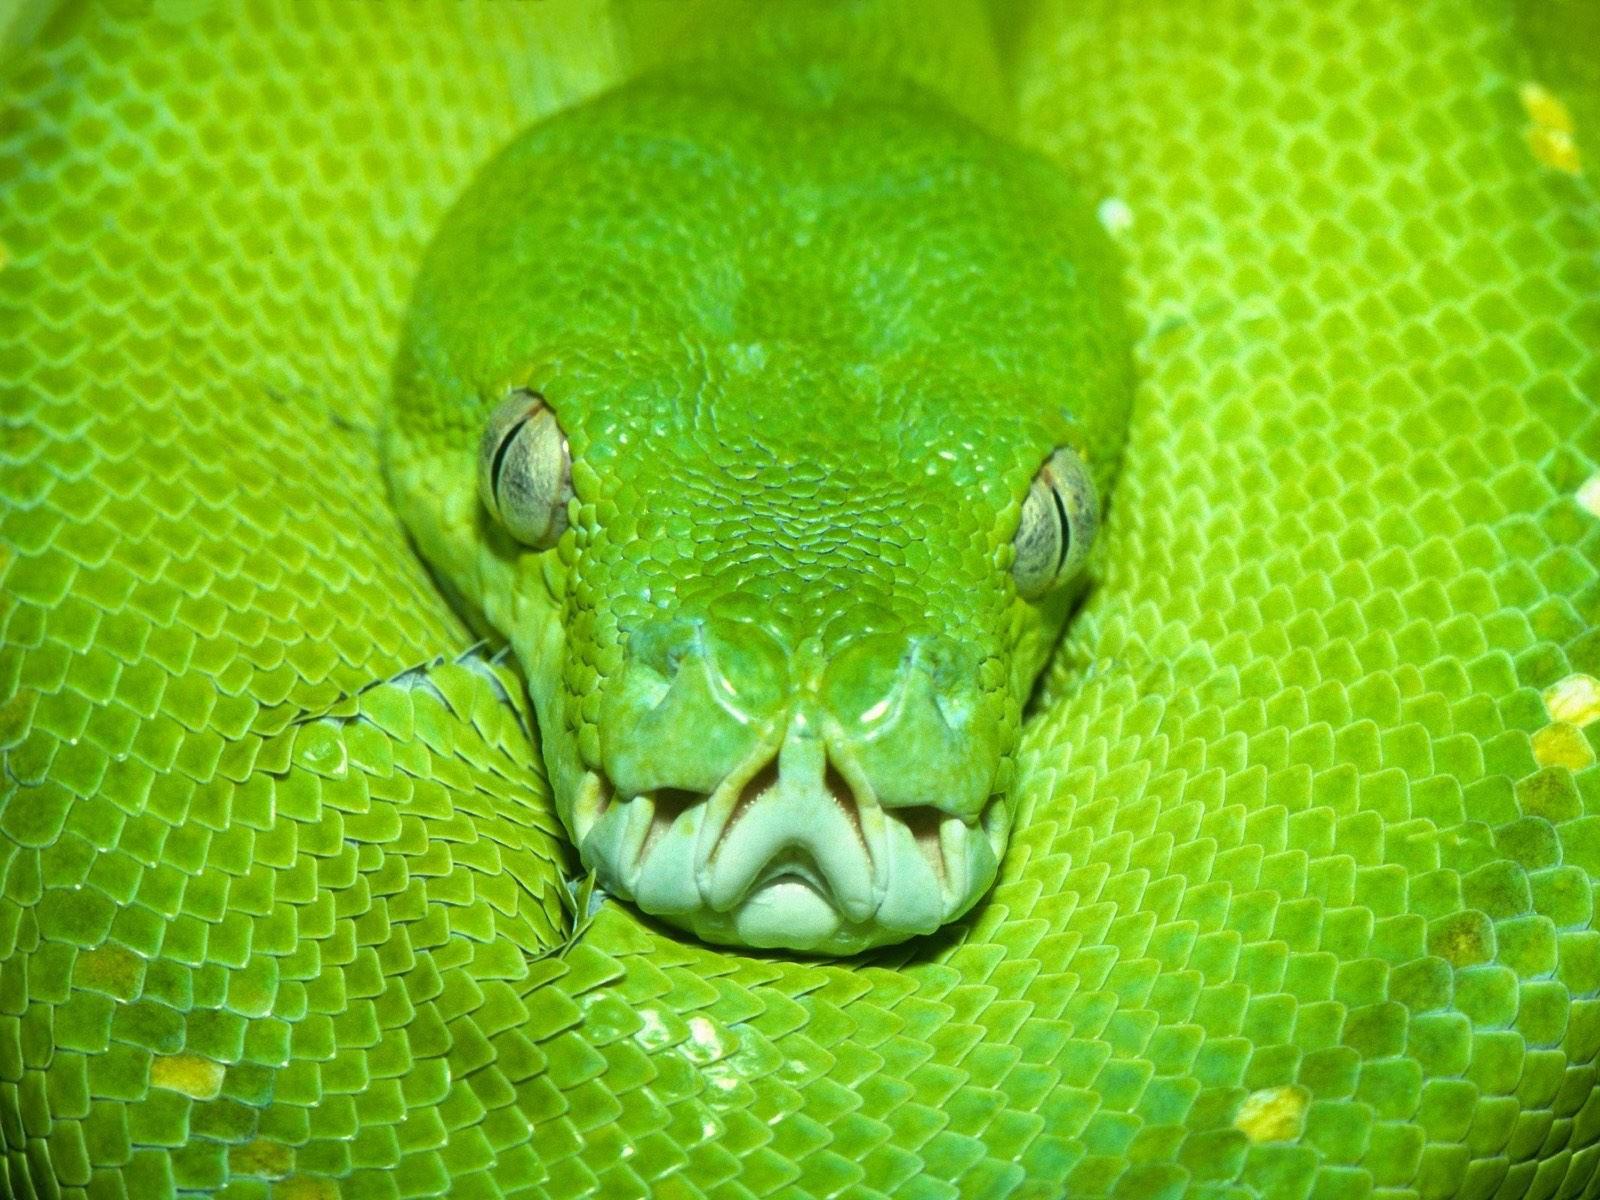 Салатовая змея